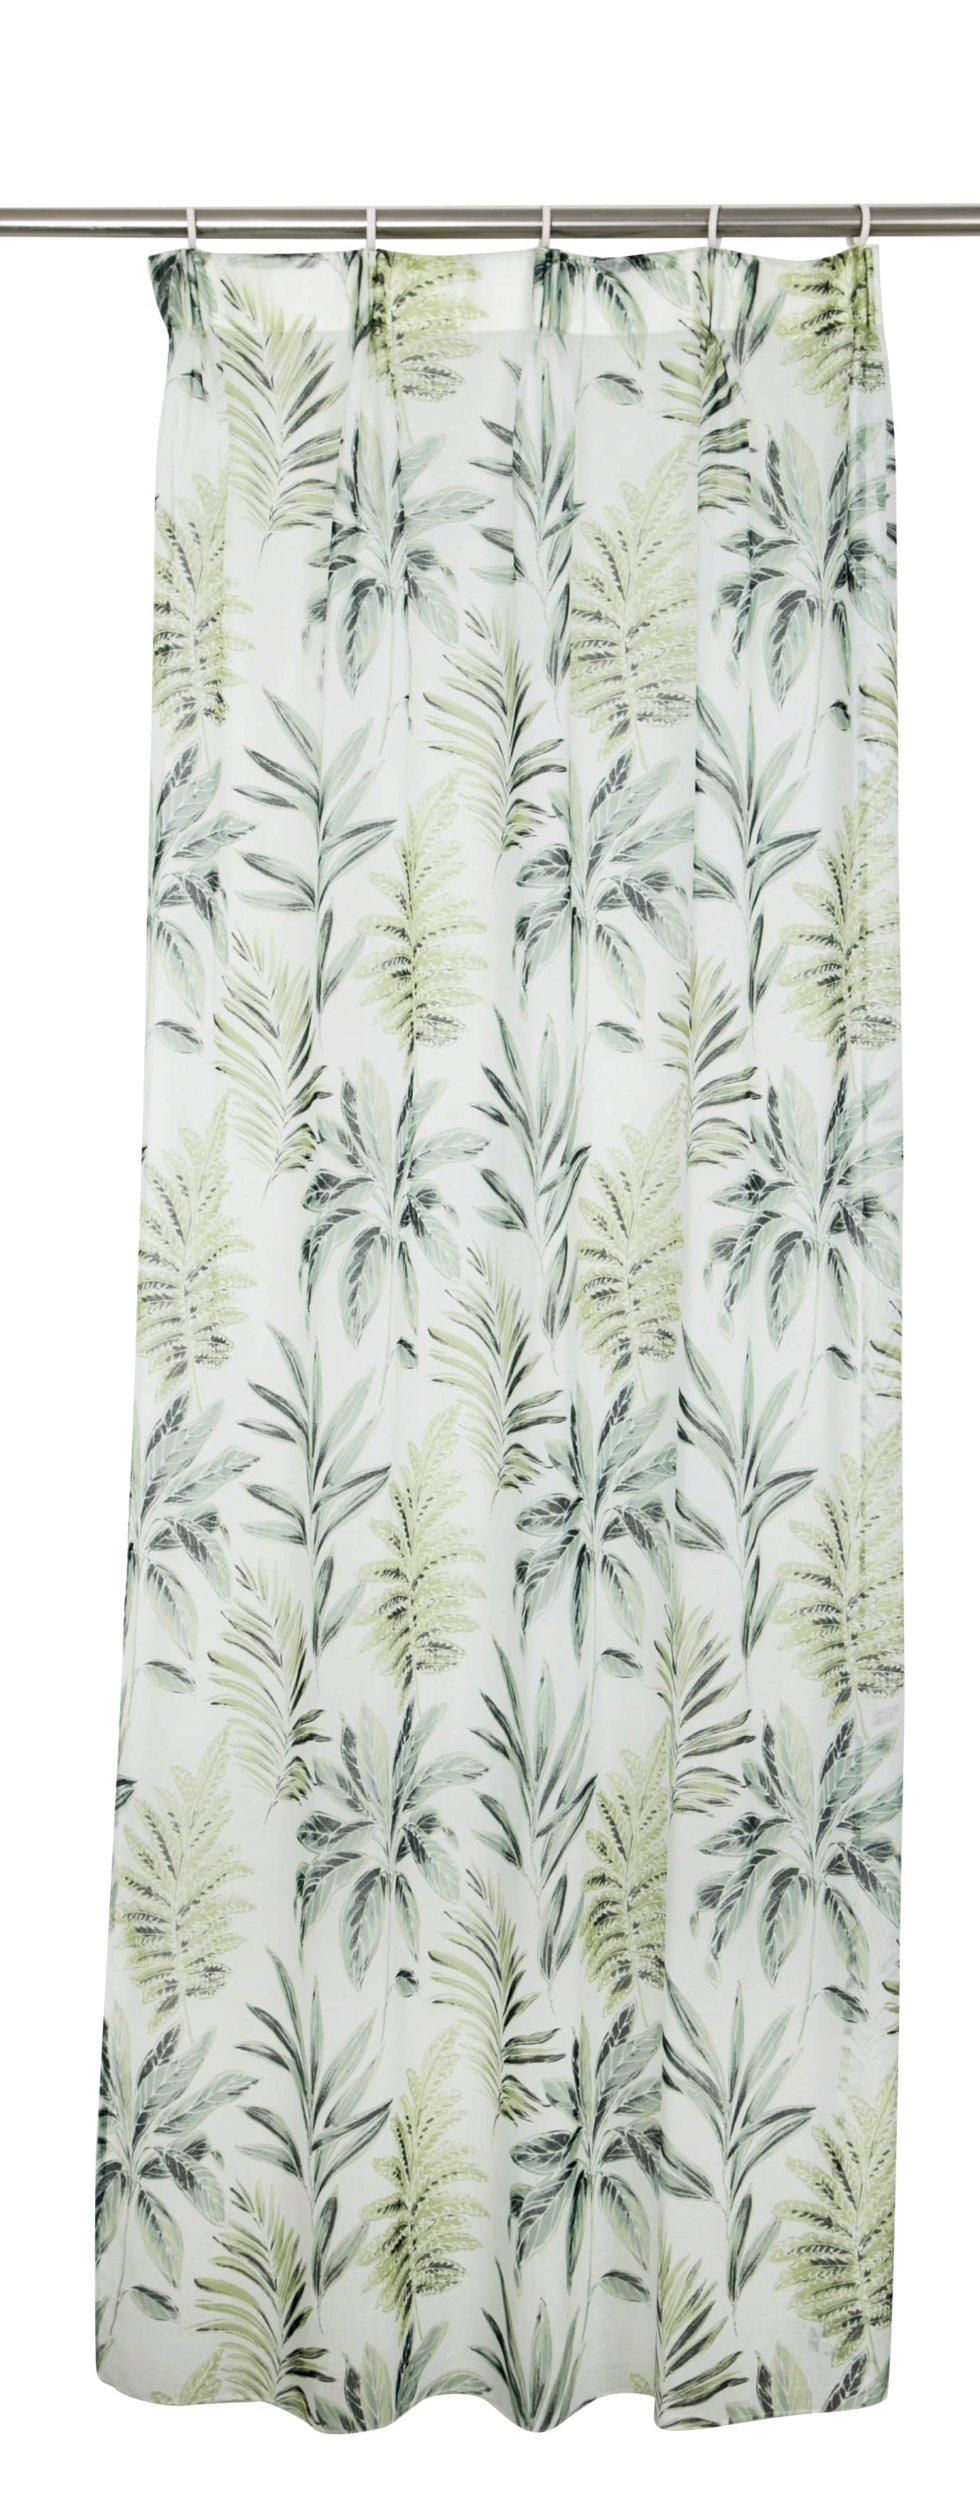 Тюль на ленте «Leaves», 160х260 см, вуаль, цвет зелёный